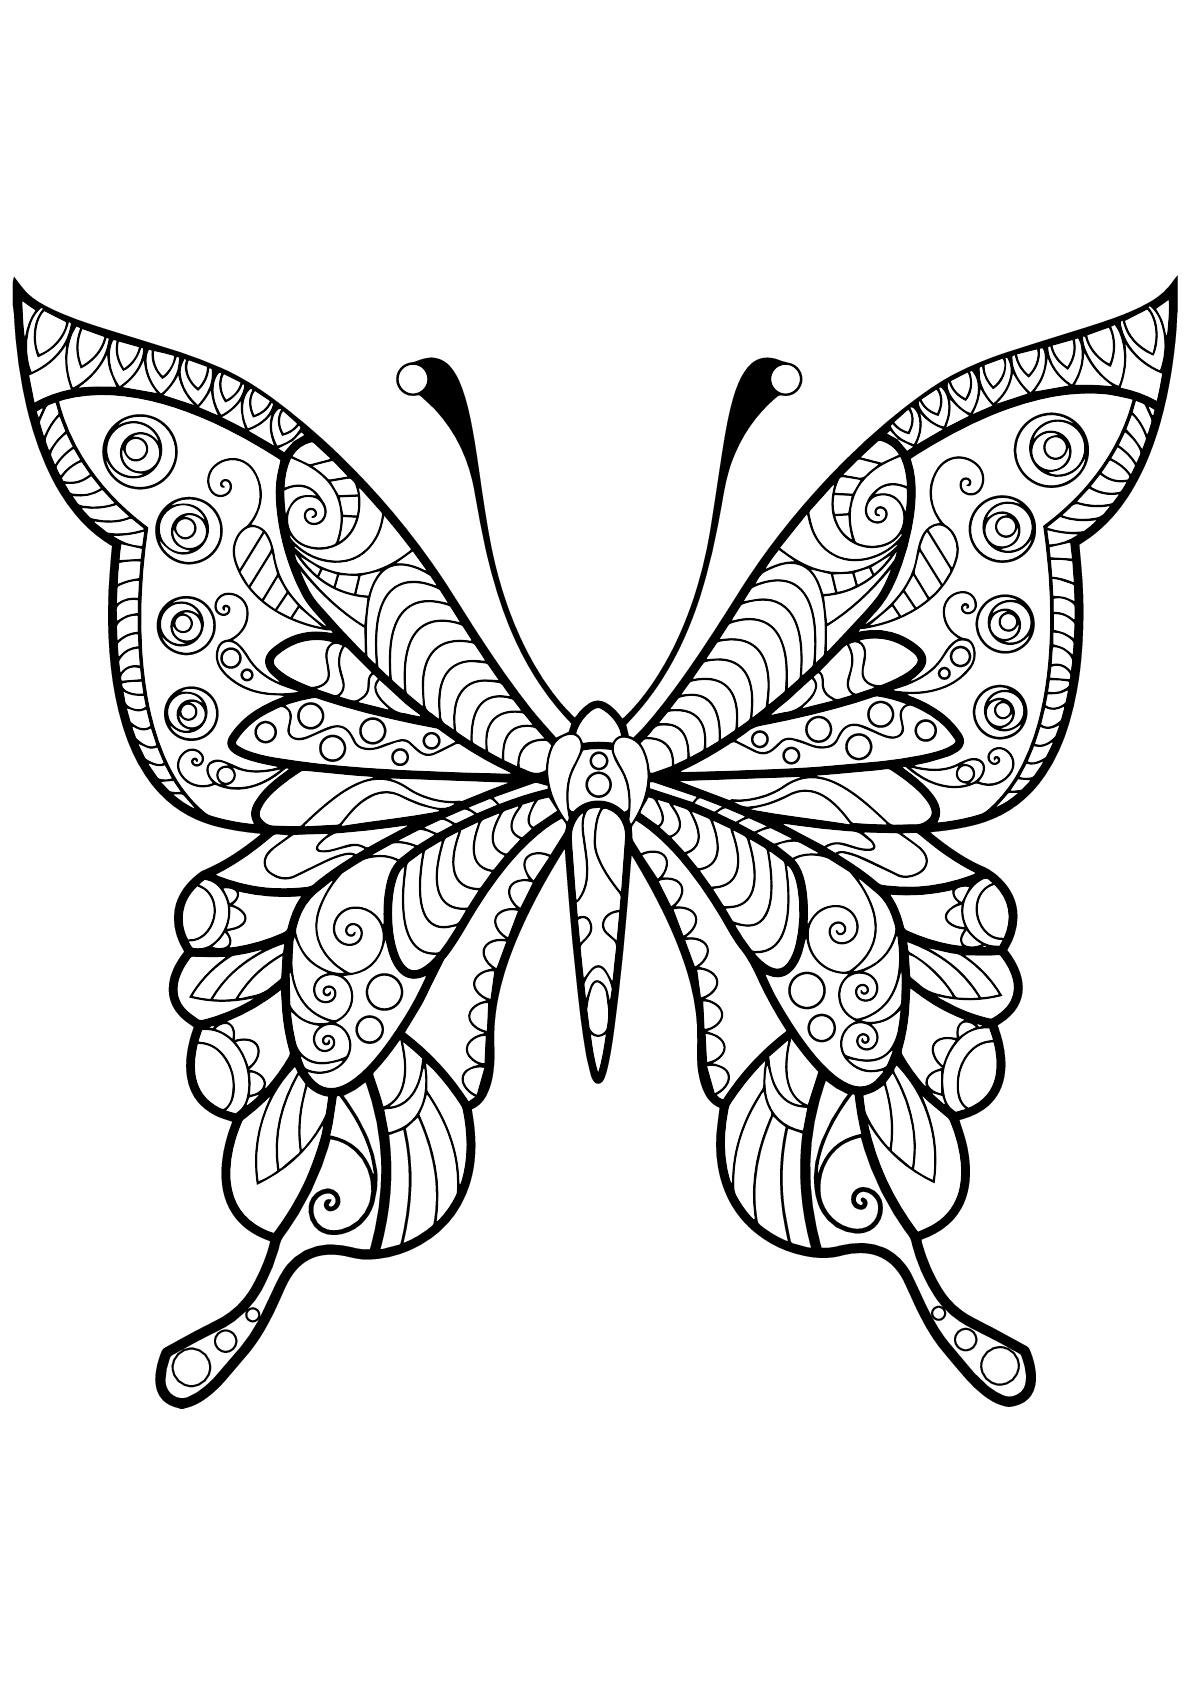 Papillon motifs 4 coloriage de papillons coloriages pour enfants - Coloriage de papillon ...